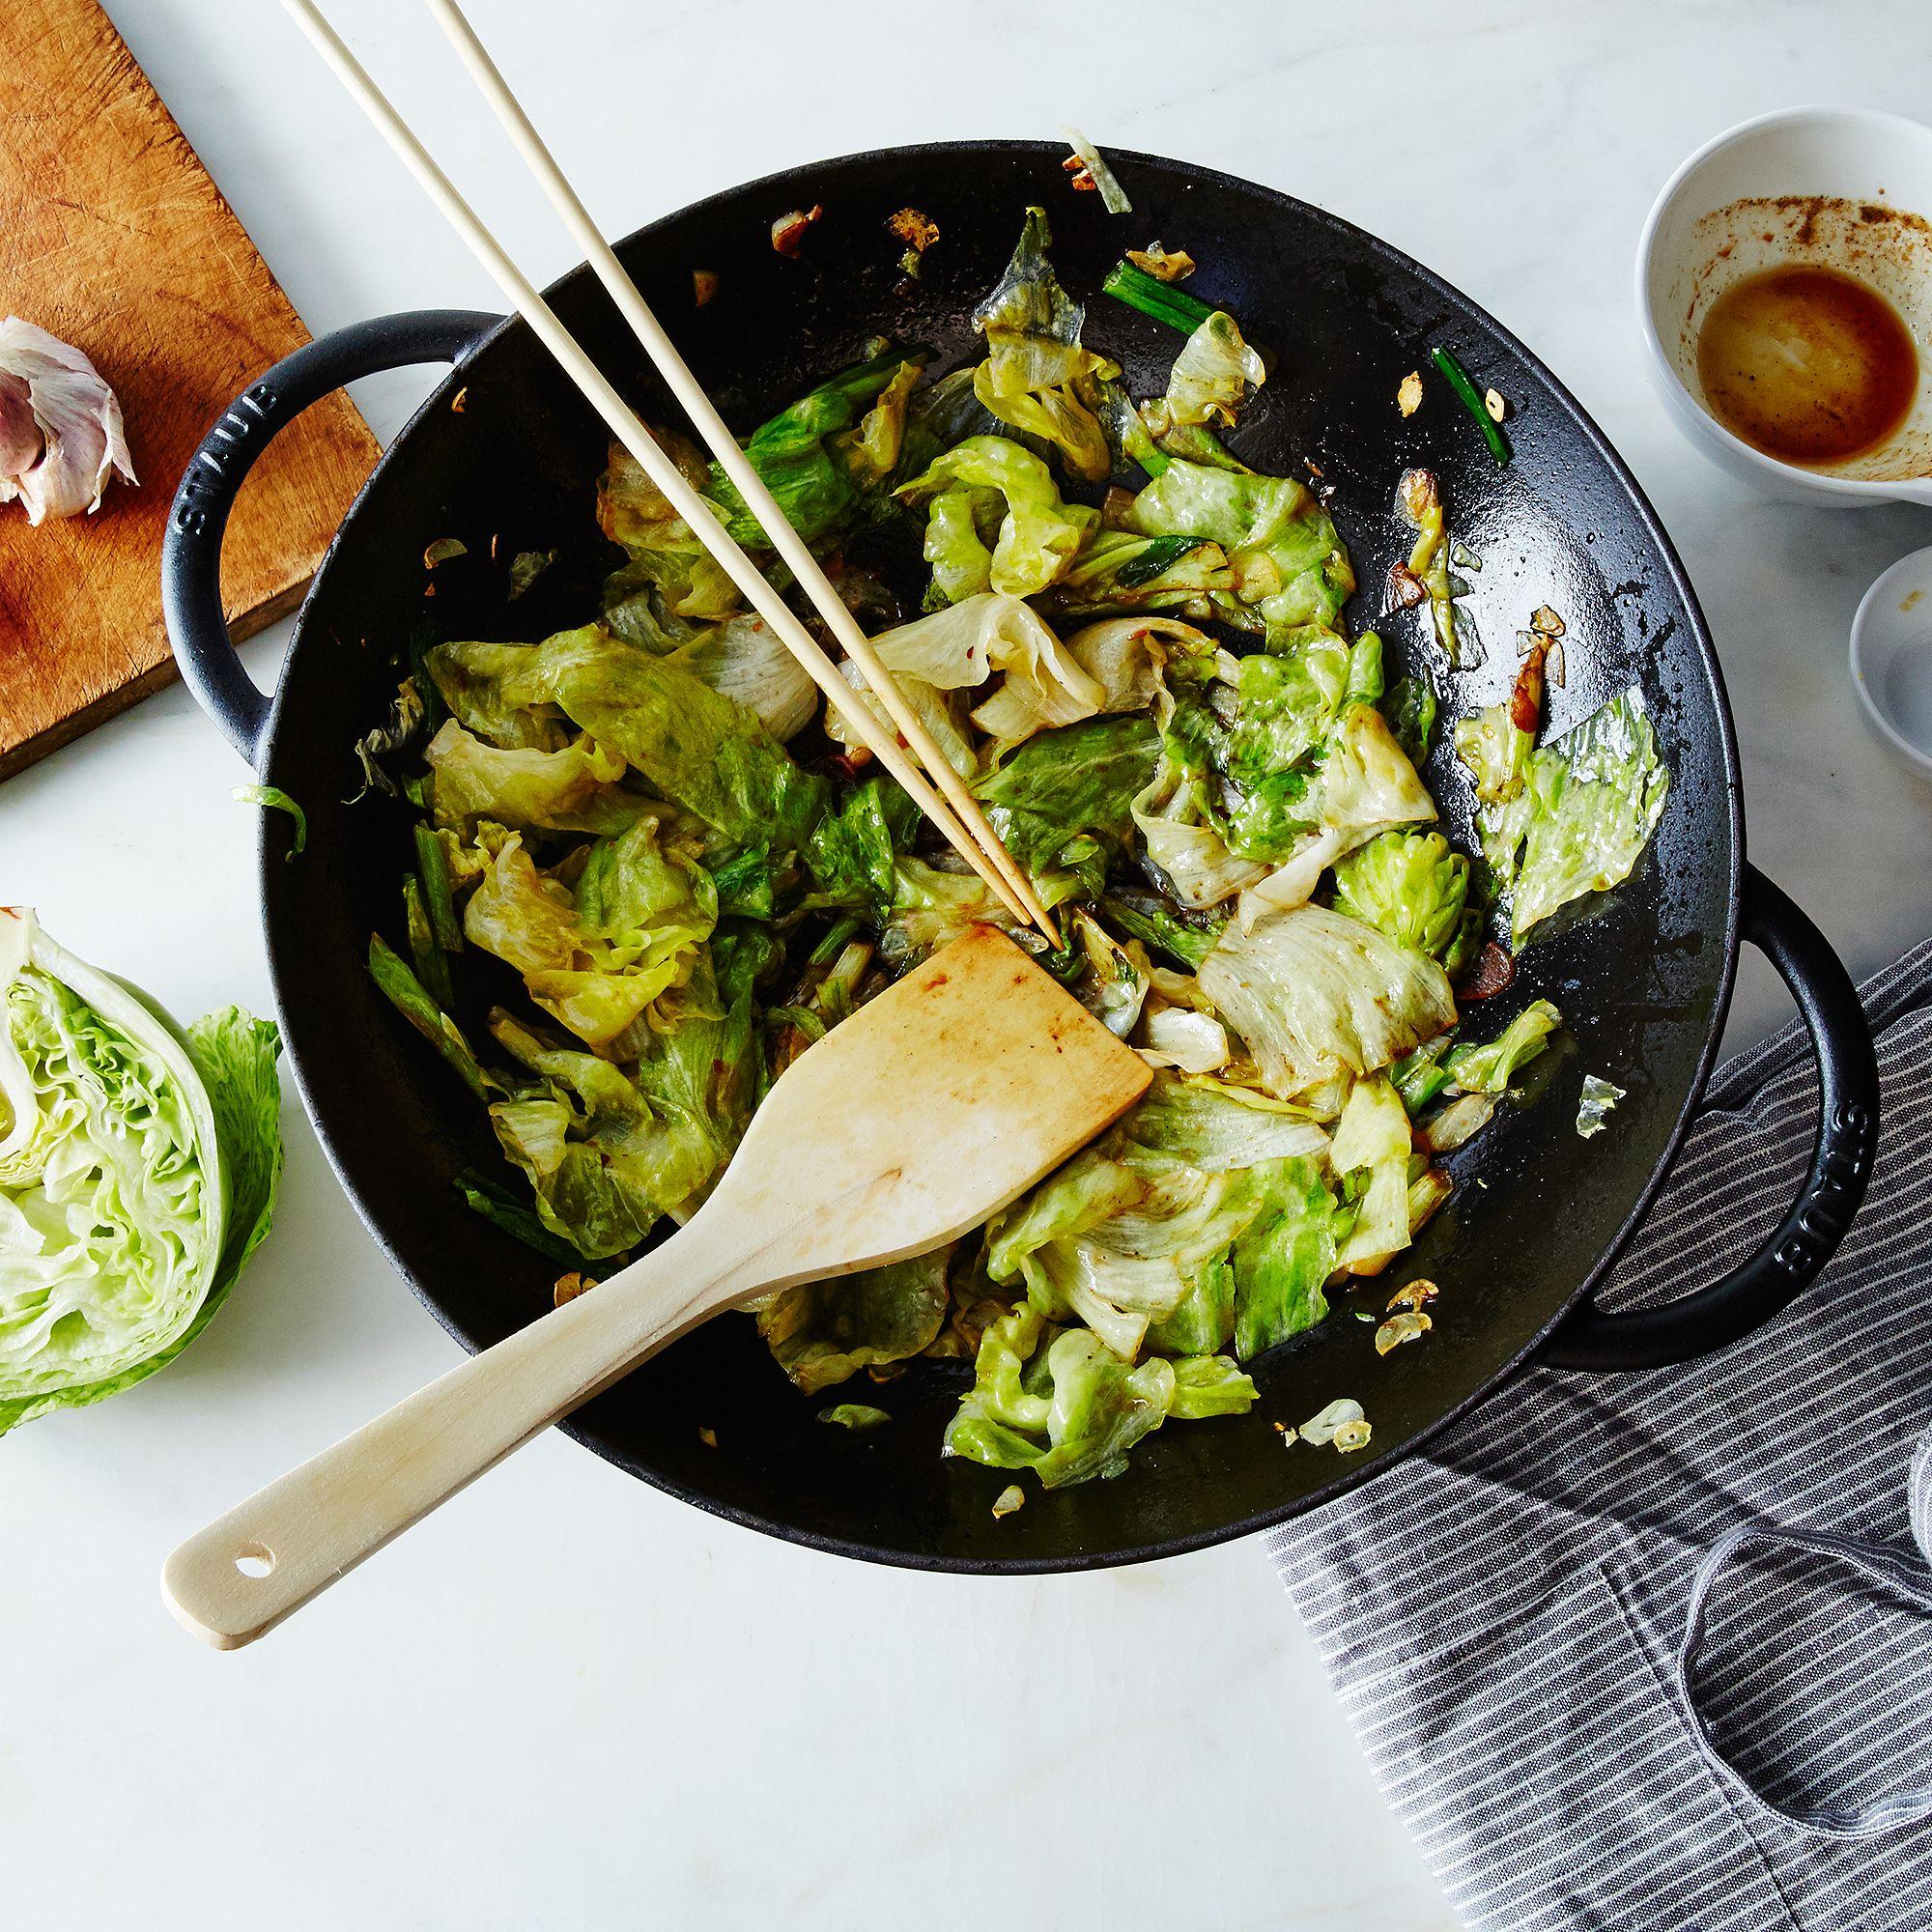 staub cast iron wok 6qt cast iron wok cookware zwilling